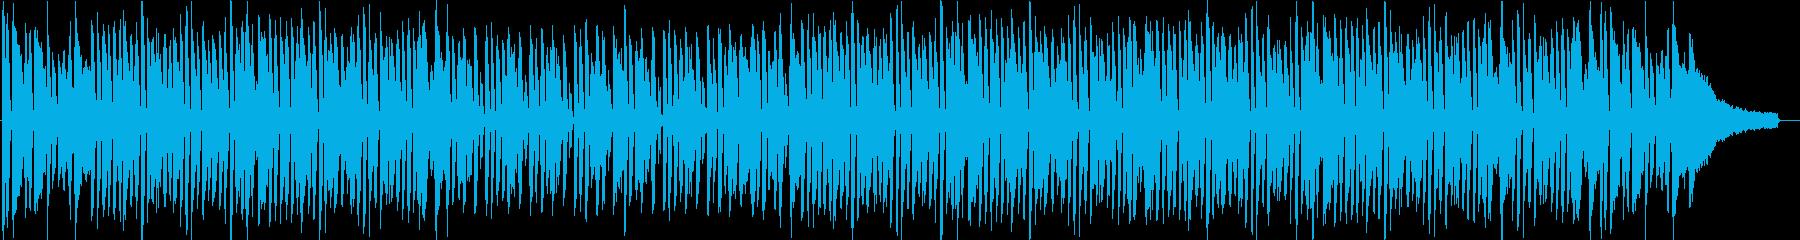 「ジングルベル」ジャズバージョンの再生済みの波形